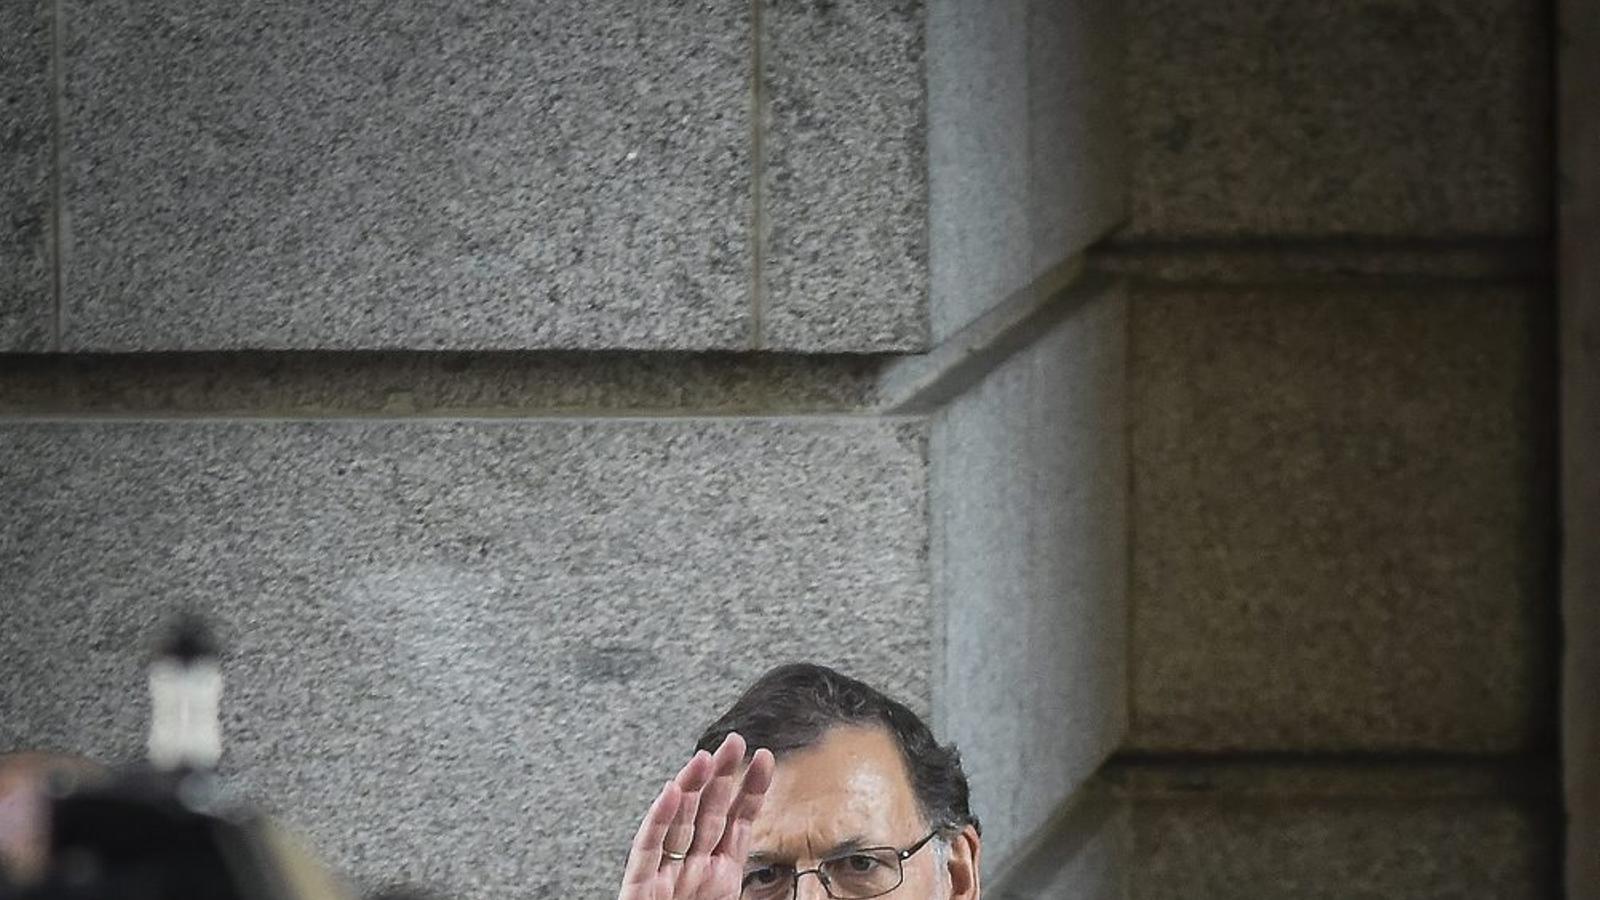 El president espanyol, Mariano Rajoy, al Congrés de Diputats després del debat d'investidura.